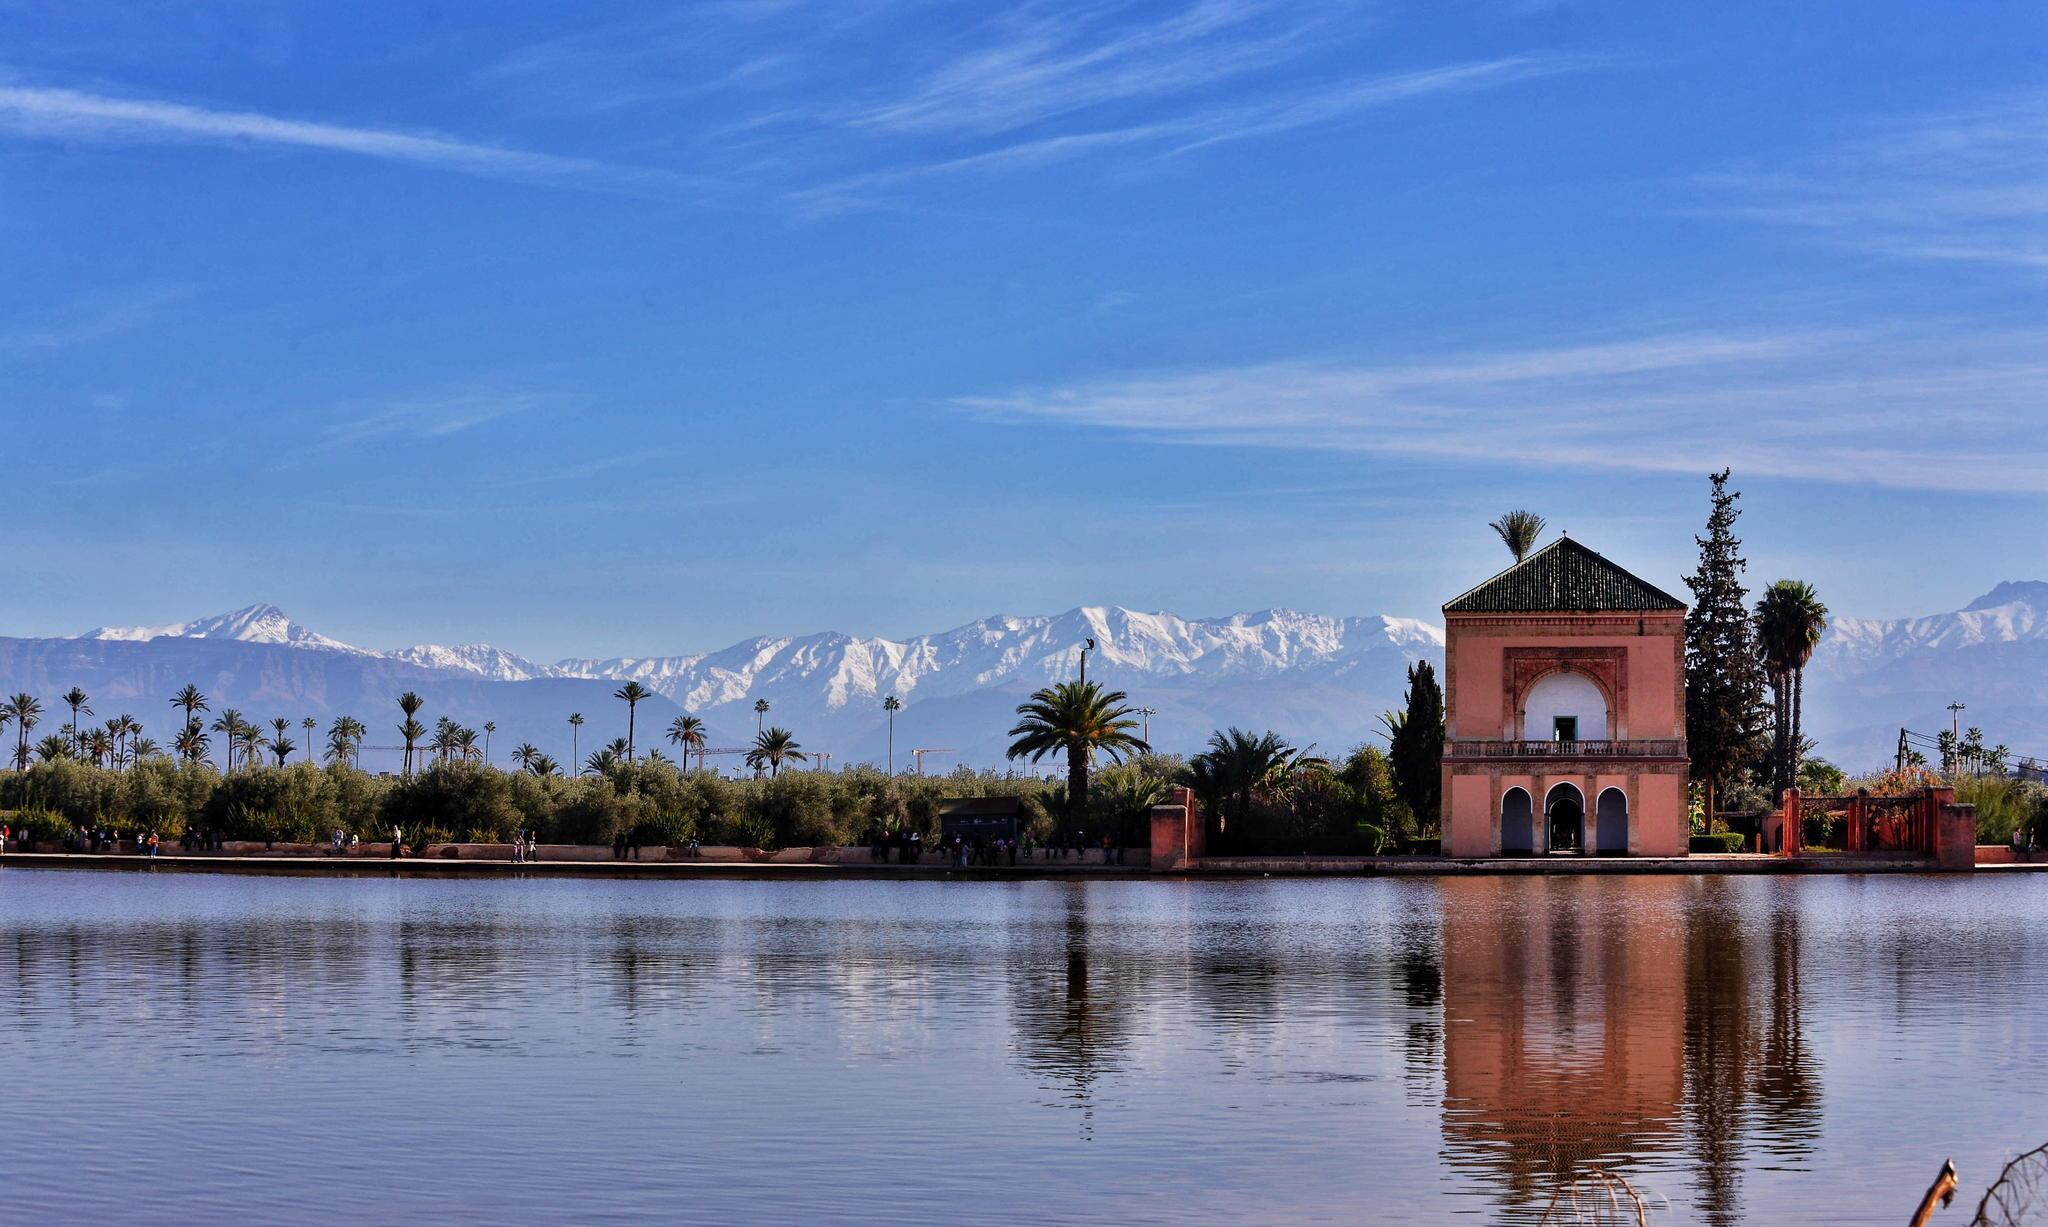 Super Reducere Sejur Marrakech din Timisoara Septembrie - Octombrie 5 nopti de la doar 349 Euro pe persoana!